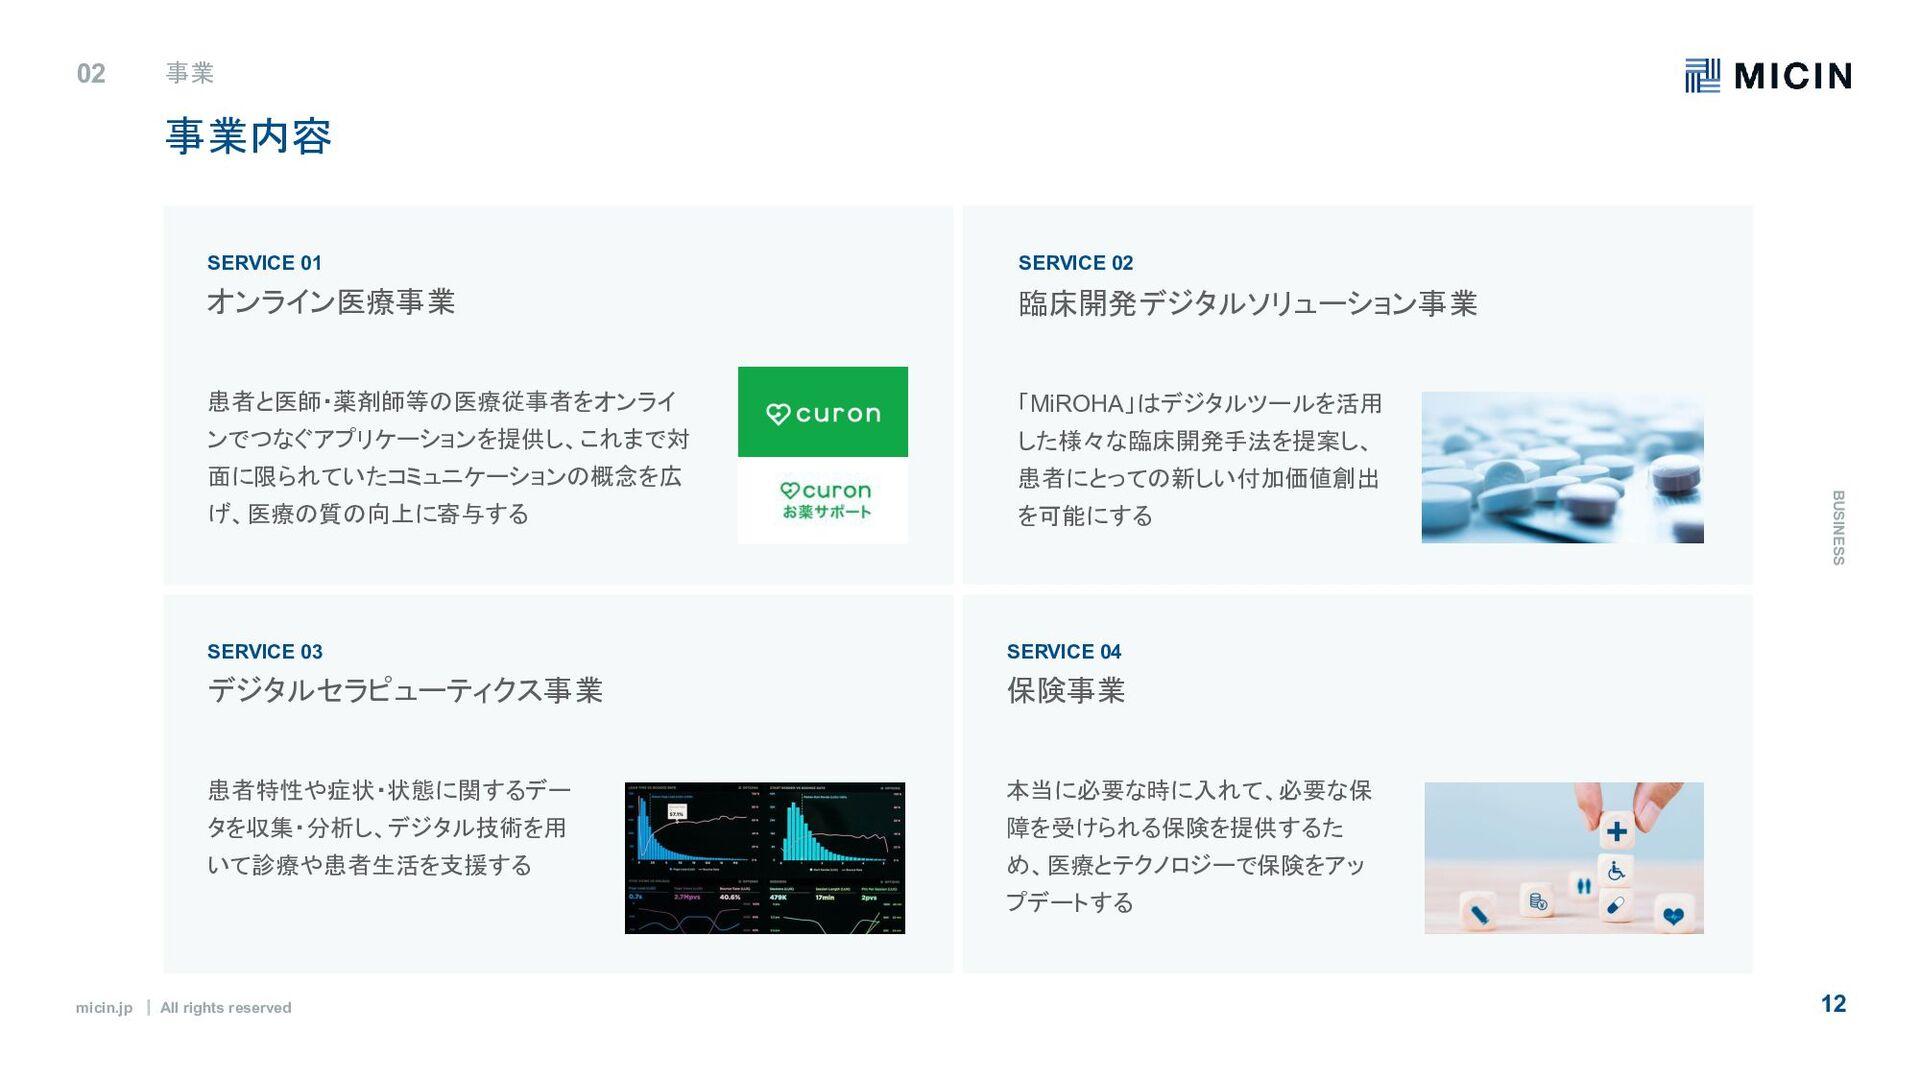 micin.jp ʛ All rights reserved 12 02 事業 B U S I...